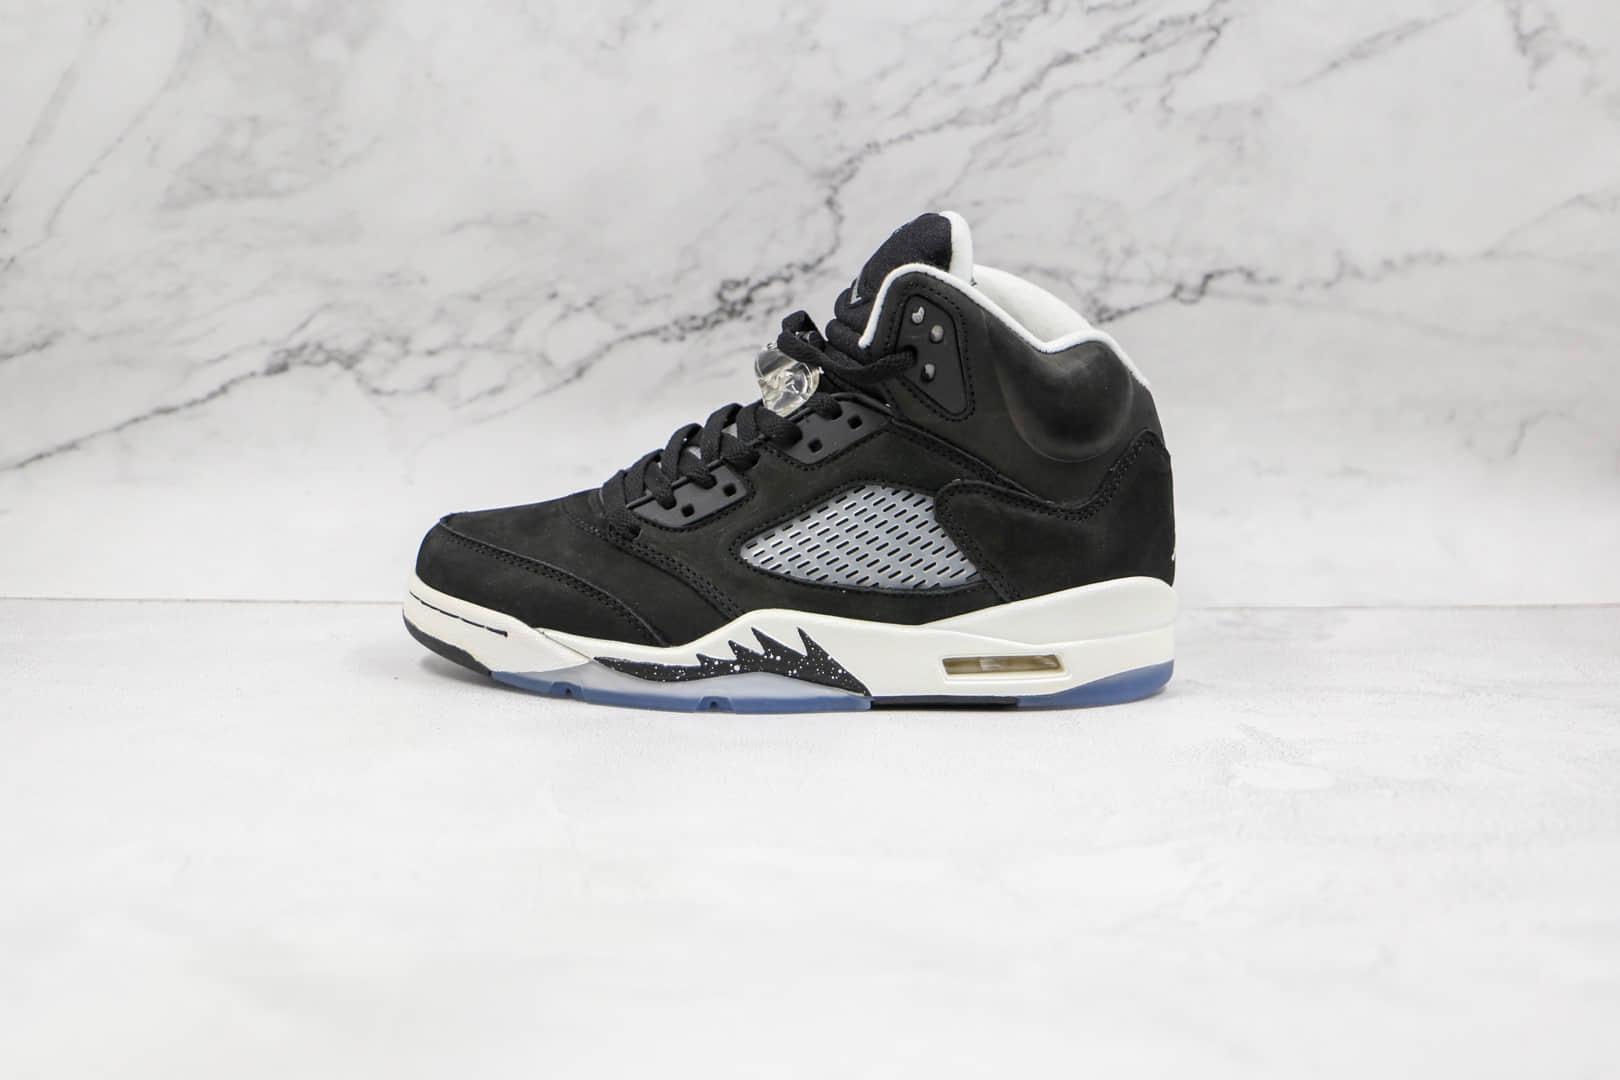 乔丹Air Jordan Retro 5 Oreo纯原版本高帮AJ5黑色奥利奥篮球鞋原档案数据开发 货号:CT4838-011